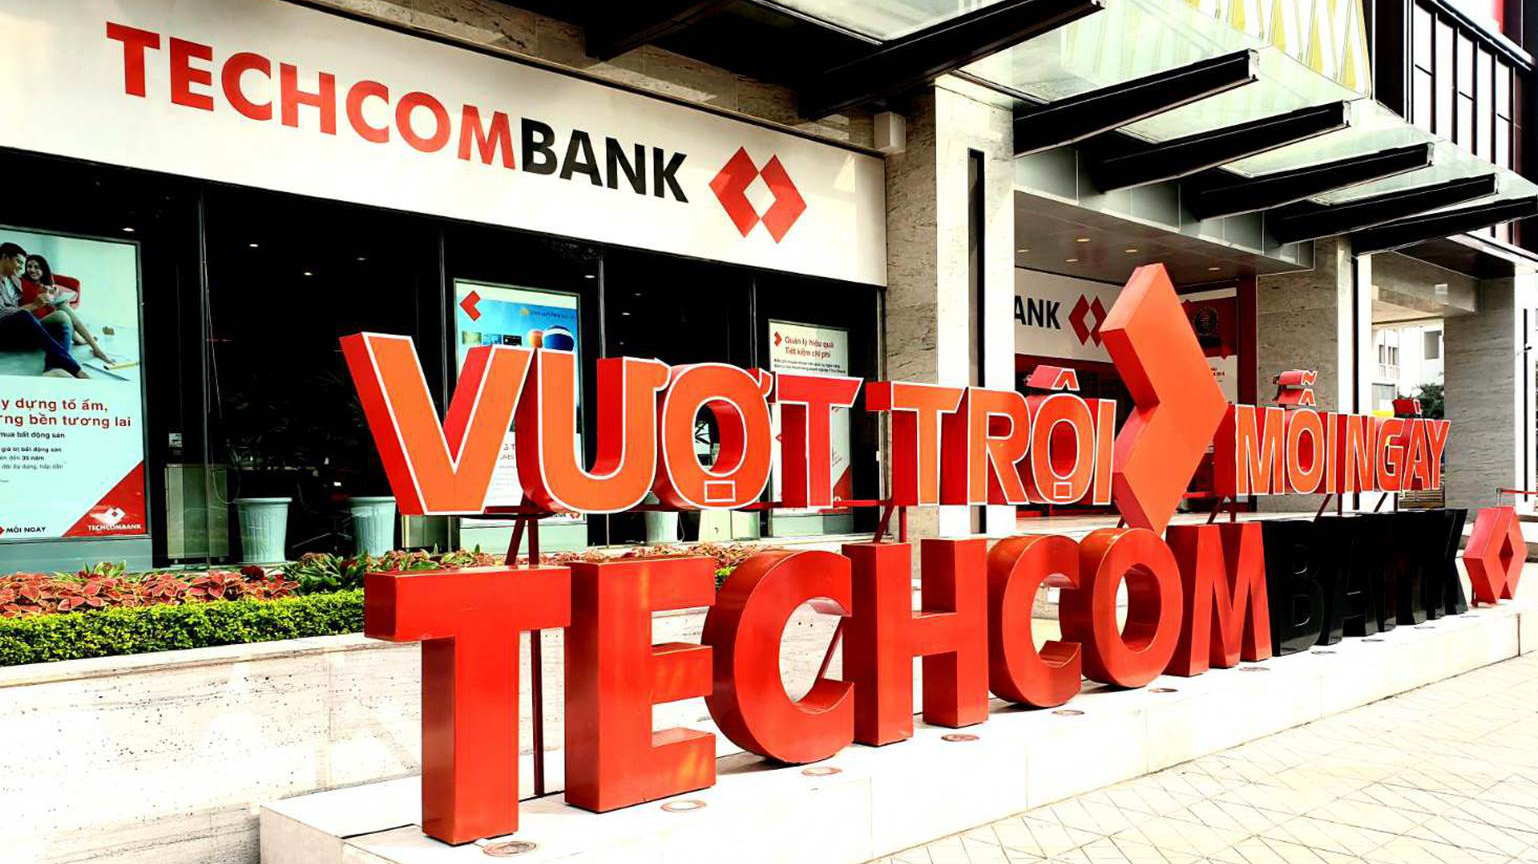 cổ phiếu ngân hàng Techcombank